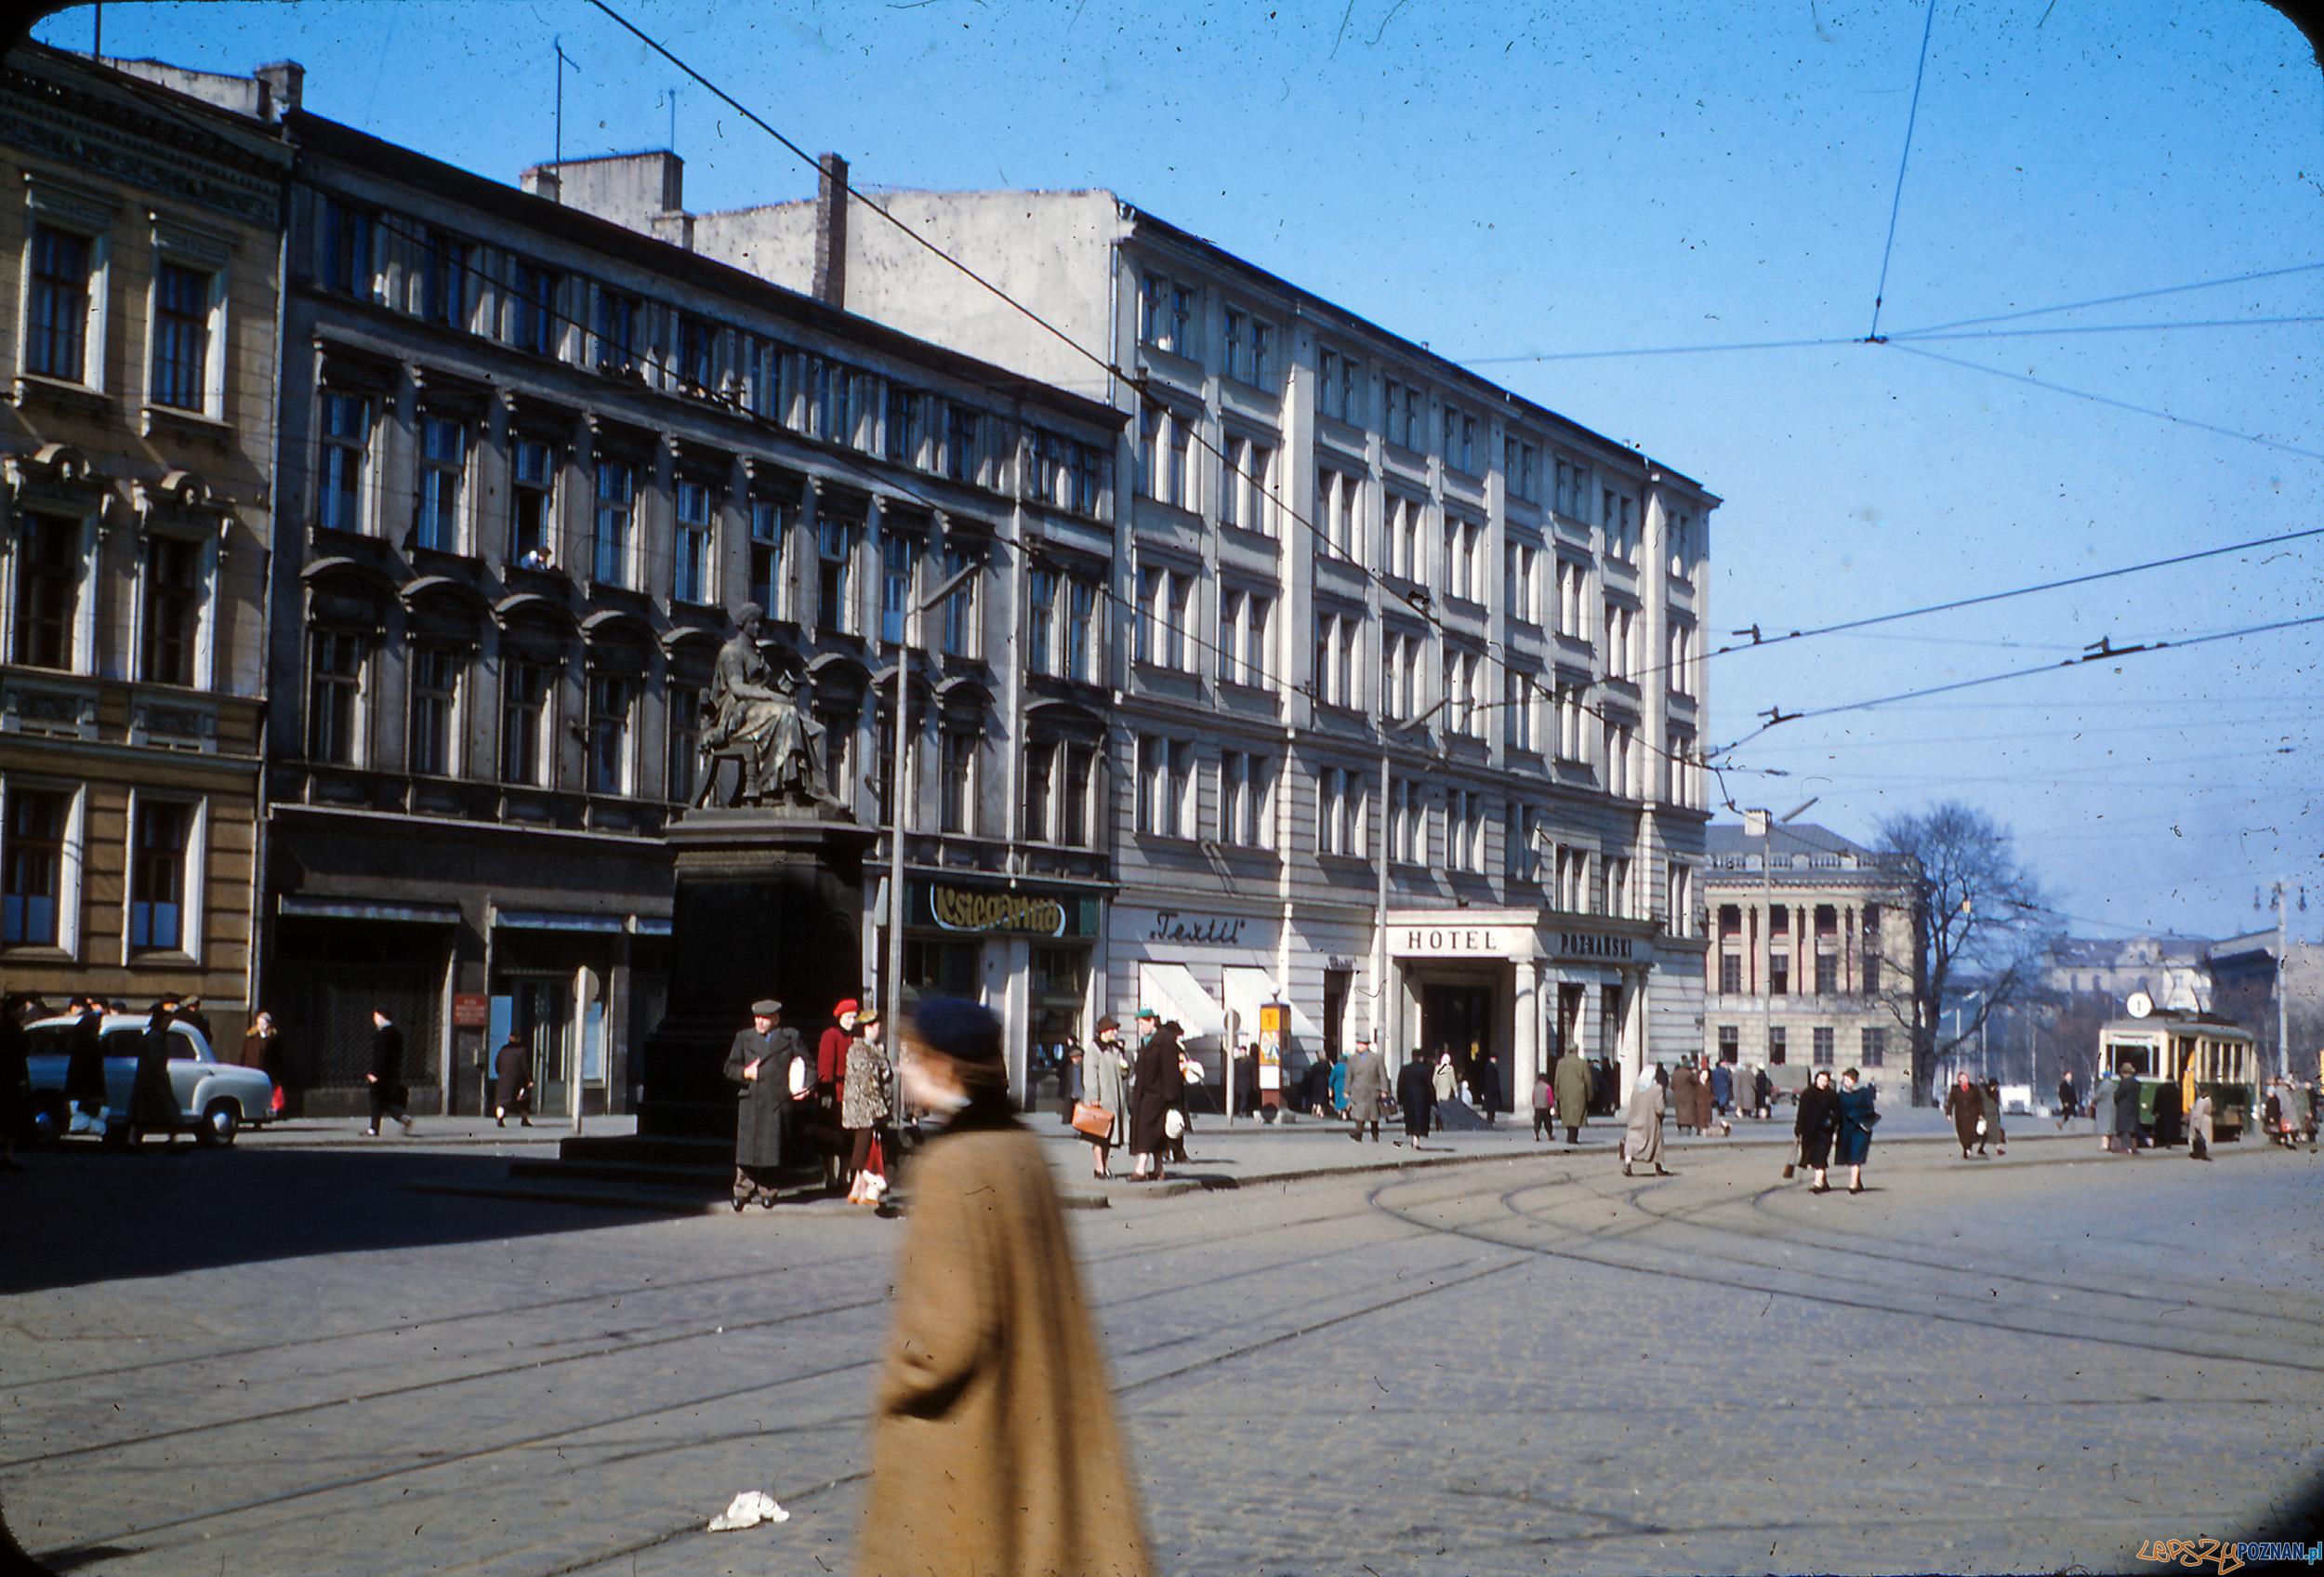 Aleje Marcinkowskiego - koniec lat 50-tych  Foto: Mogens Tørsleff, kolekcja Gorma Rudschinata / Flickr / CC